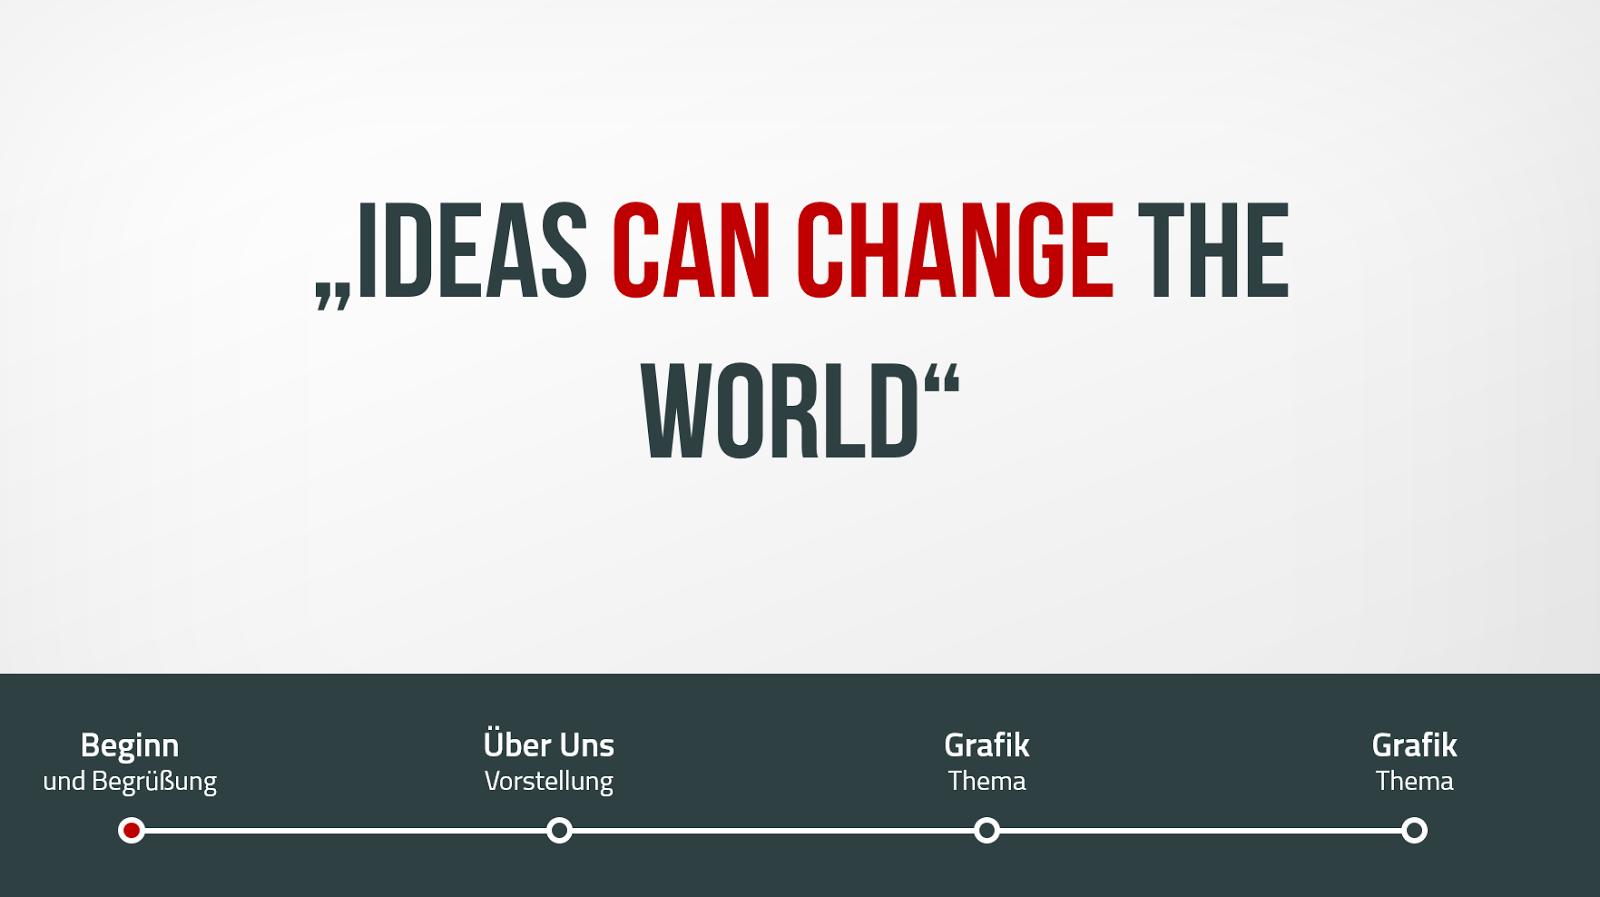 PräsentationsProfi: Neue Powerpoint-Vorlage mit Inhaltsverzeichnis